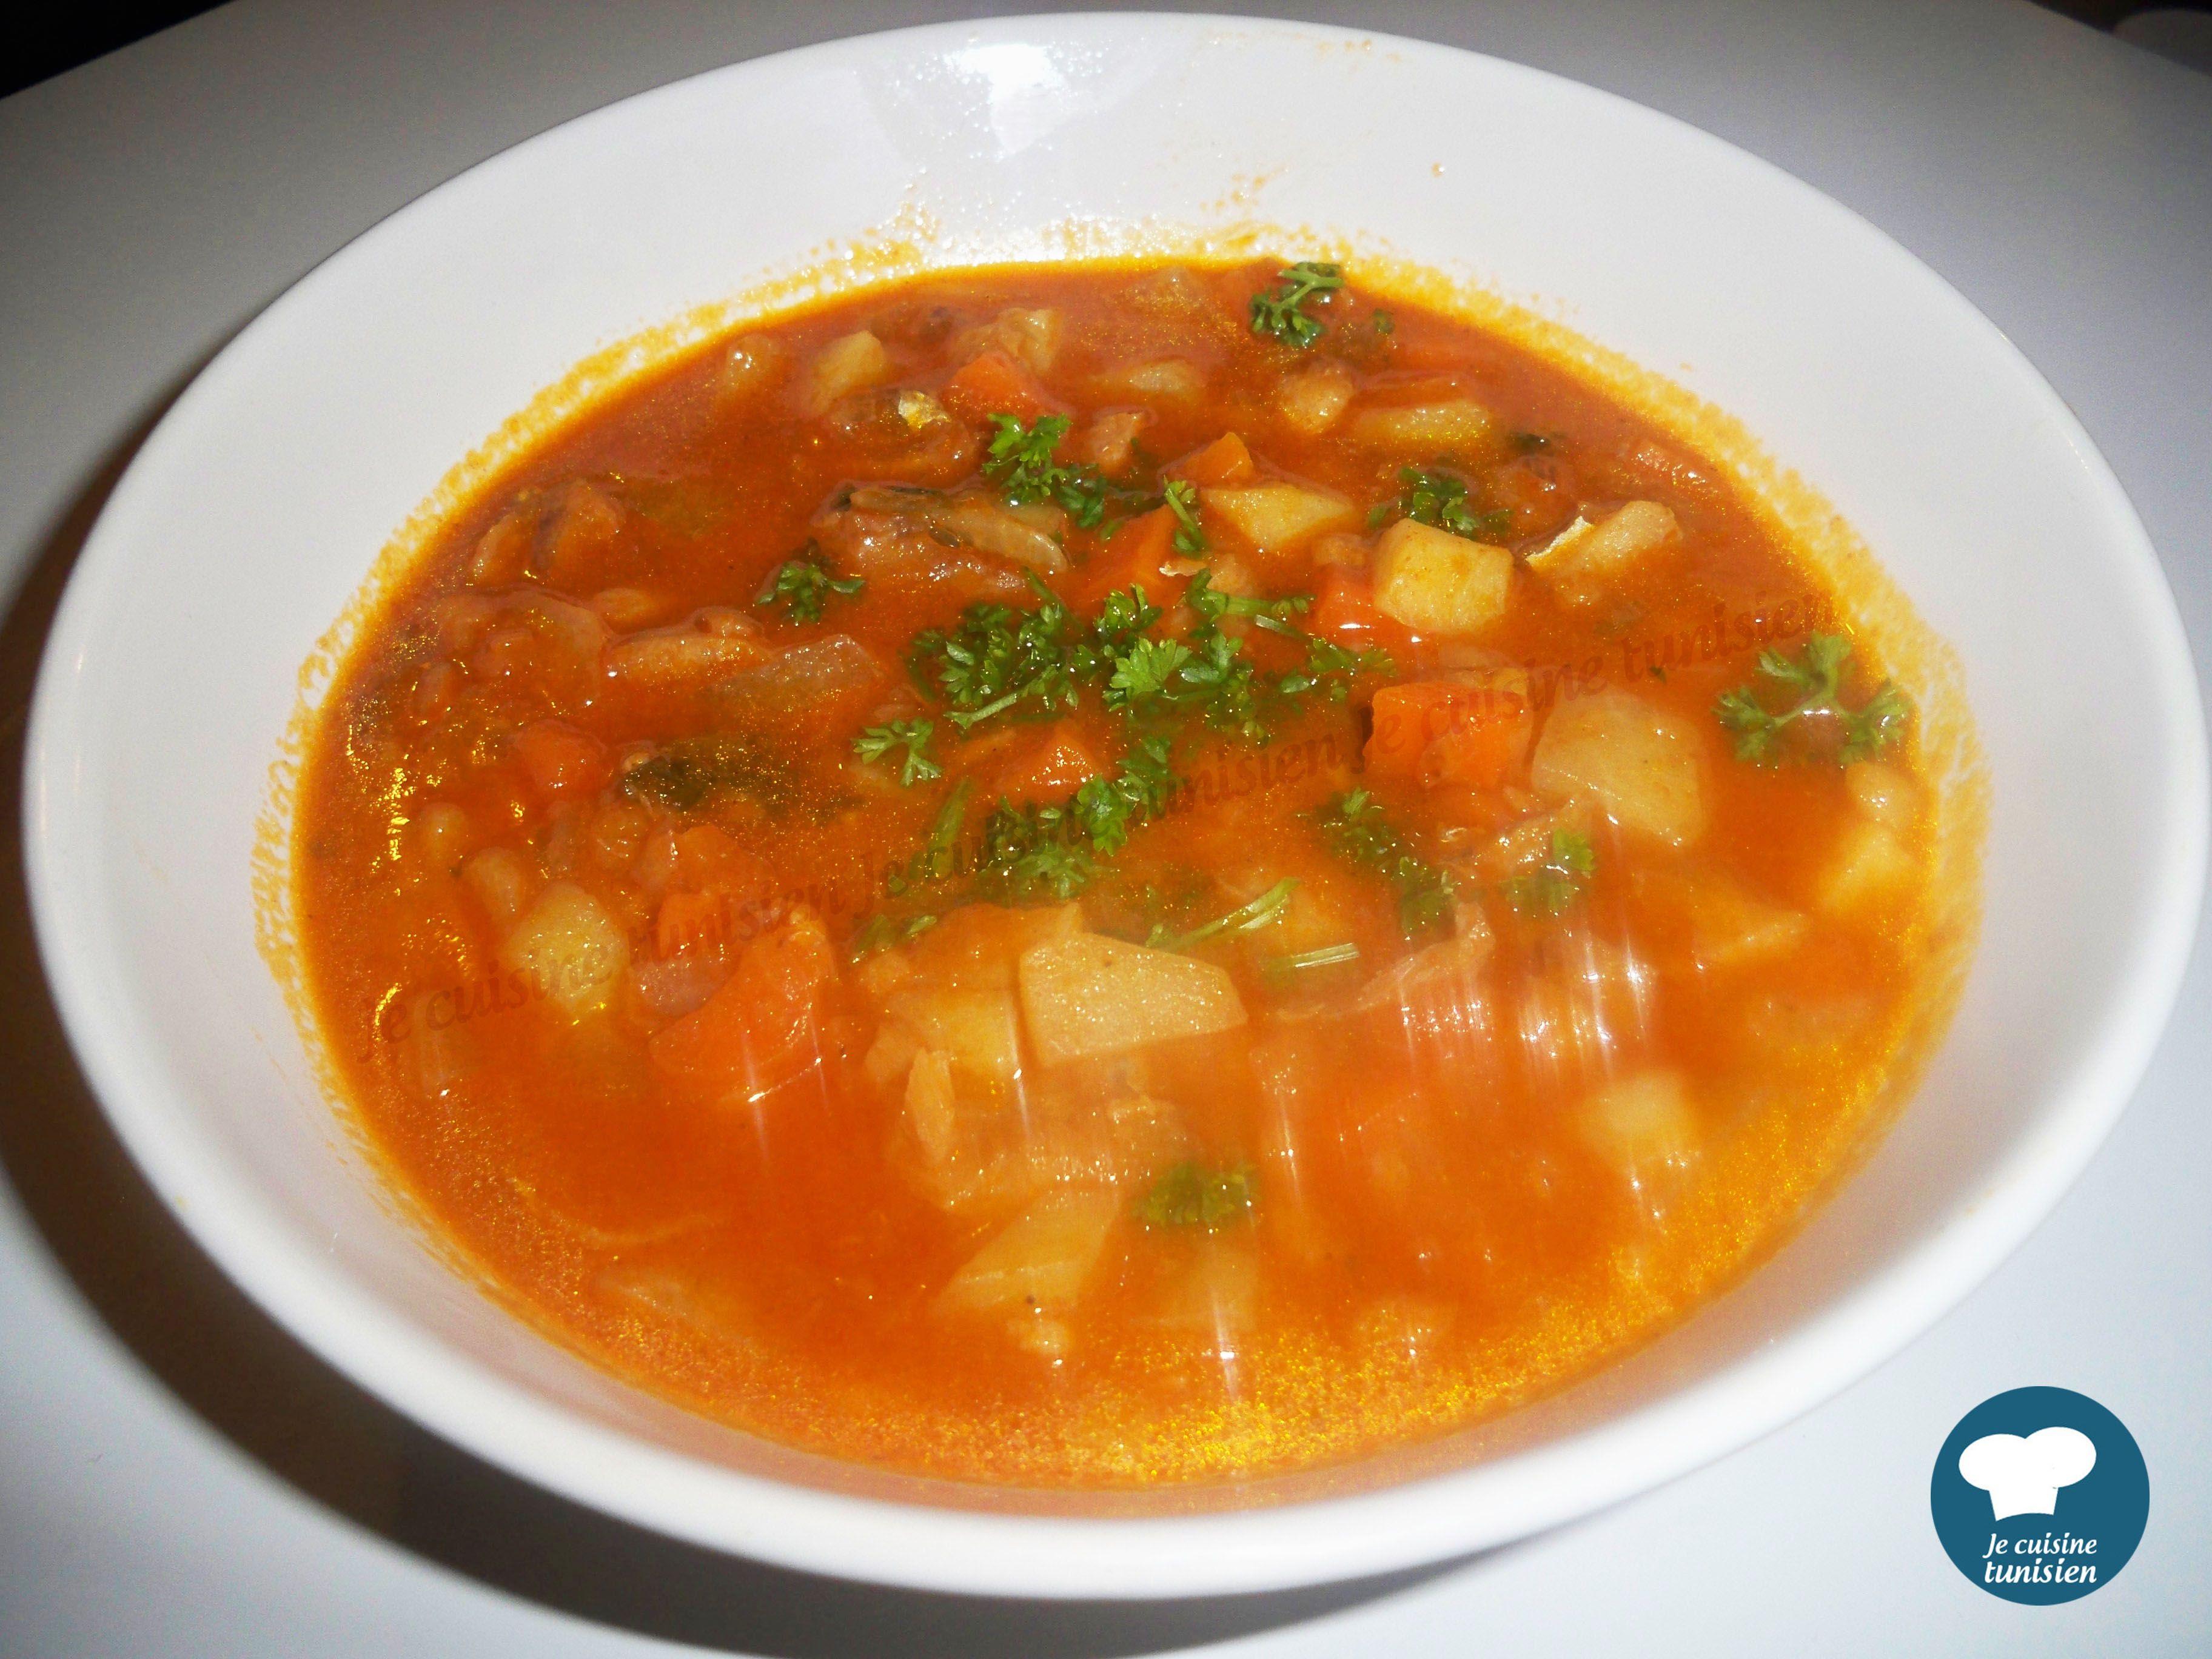 Broudou recette tunisienne recettes pinterest food - Cuisine tunisienne mloukhia ...